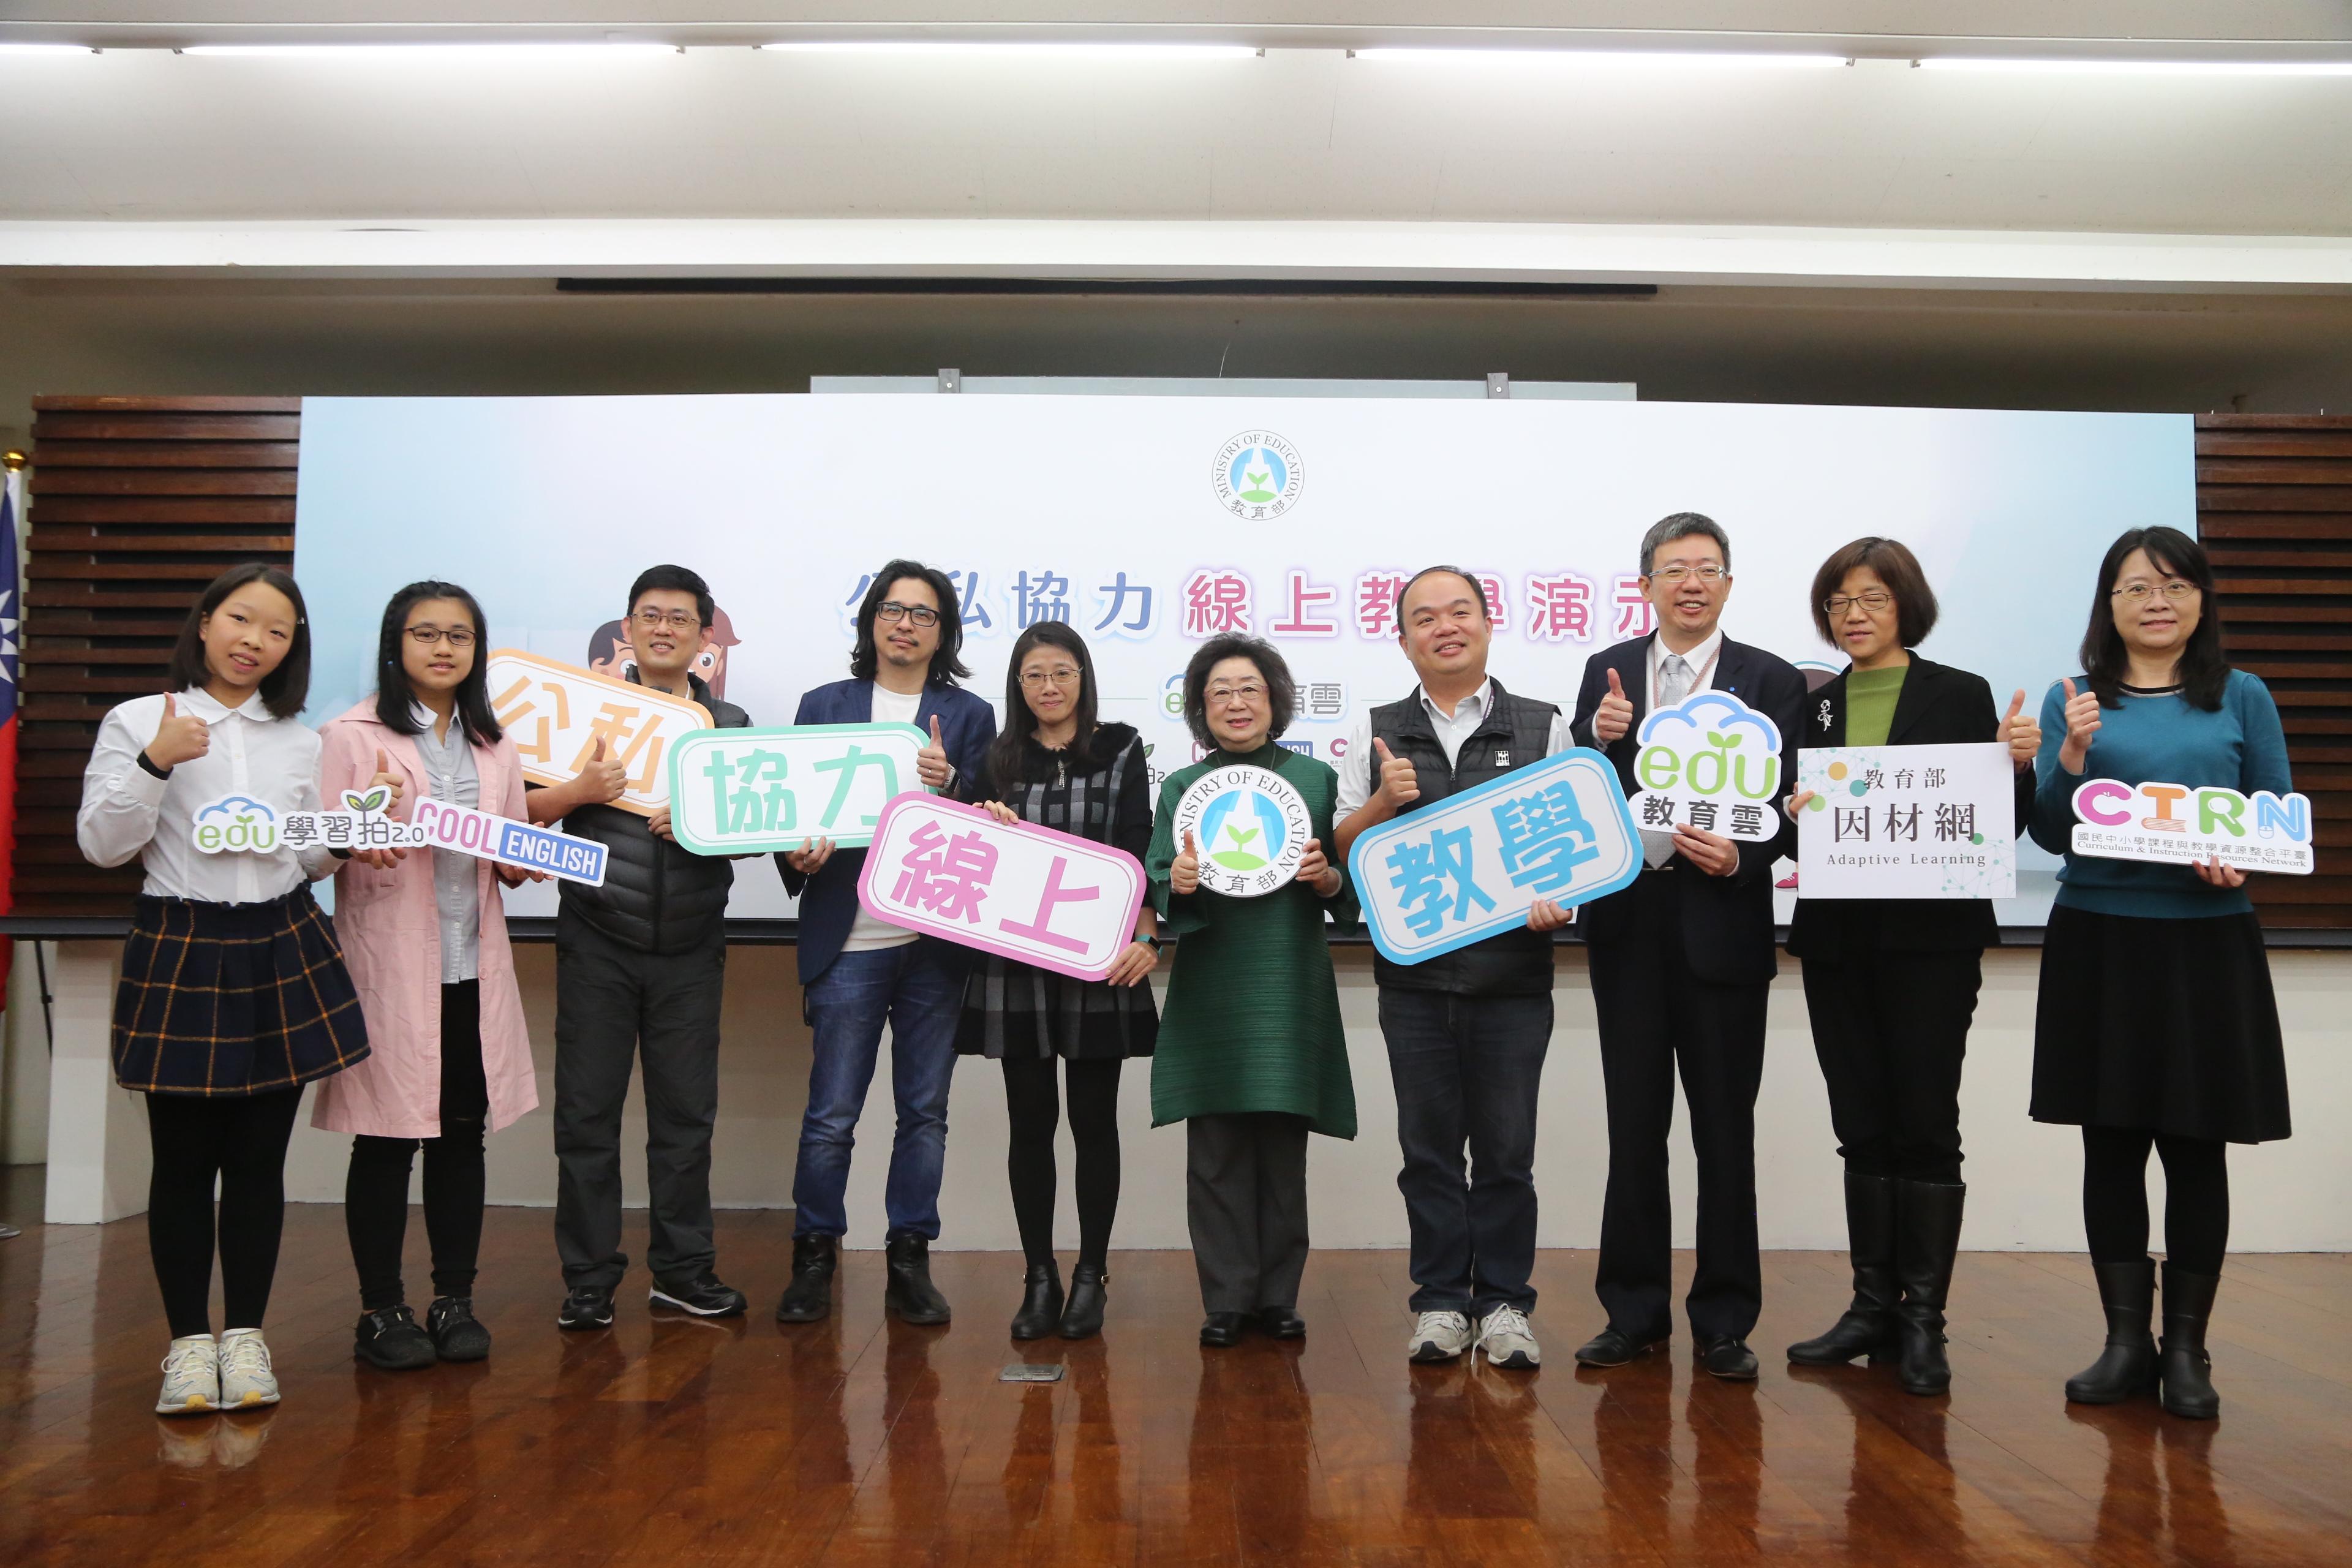 范次長與無界塾師生、龍埔國小師生共同參與線上教學演示_大圖